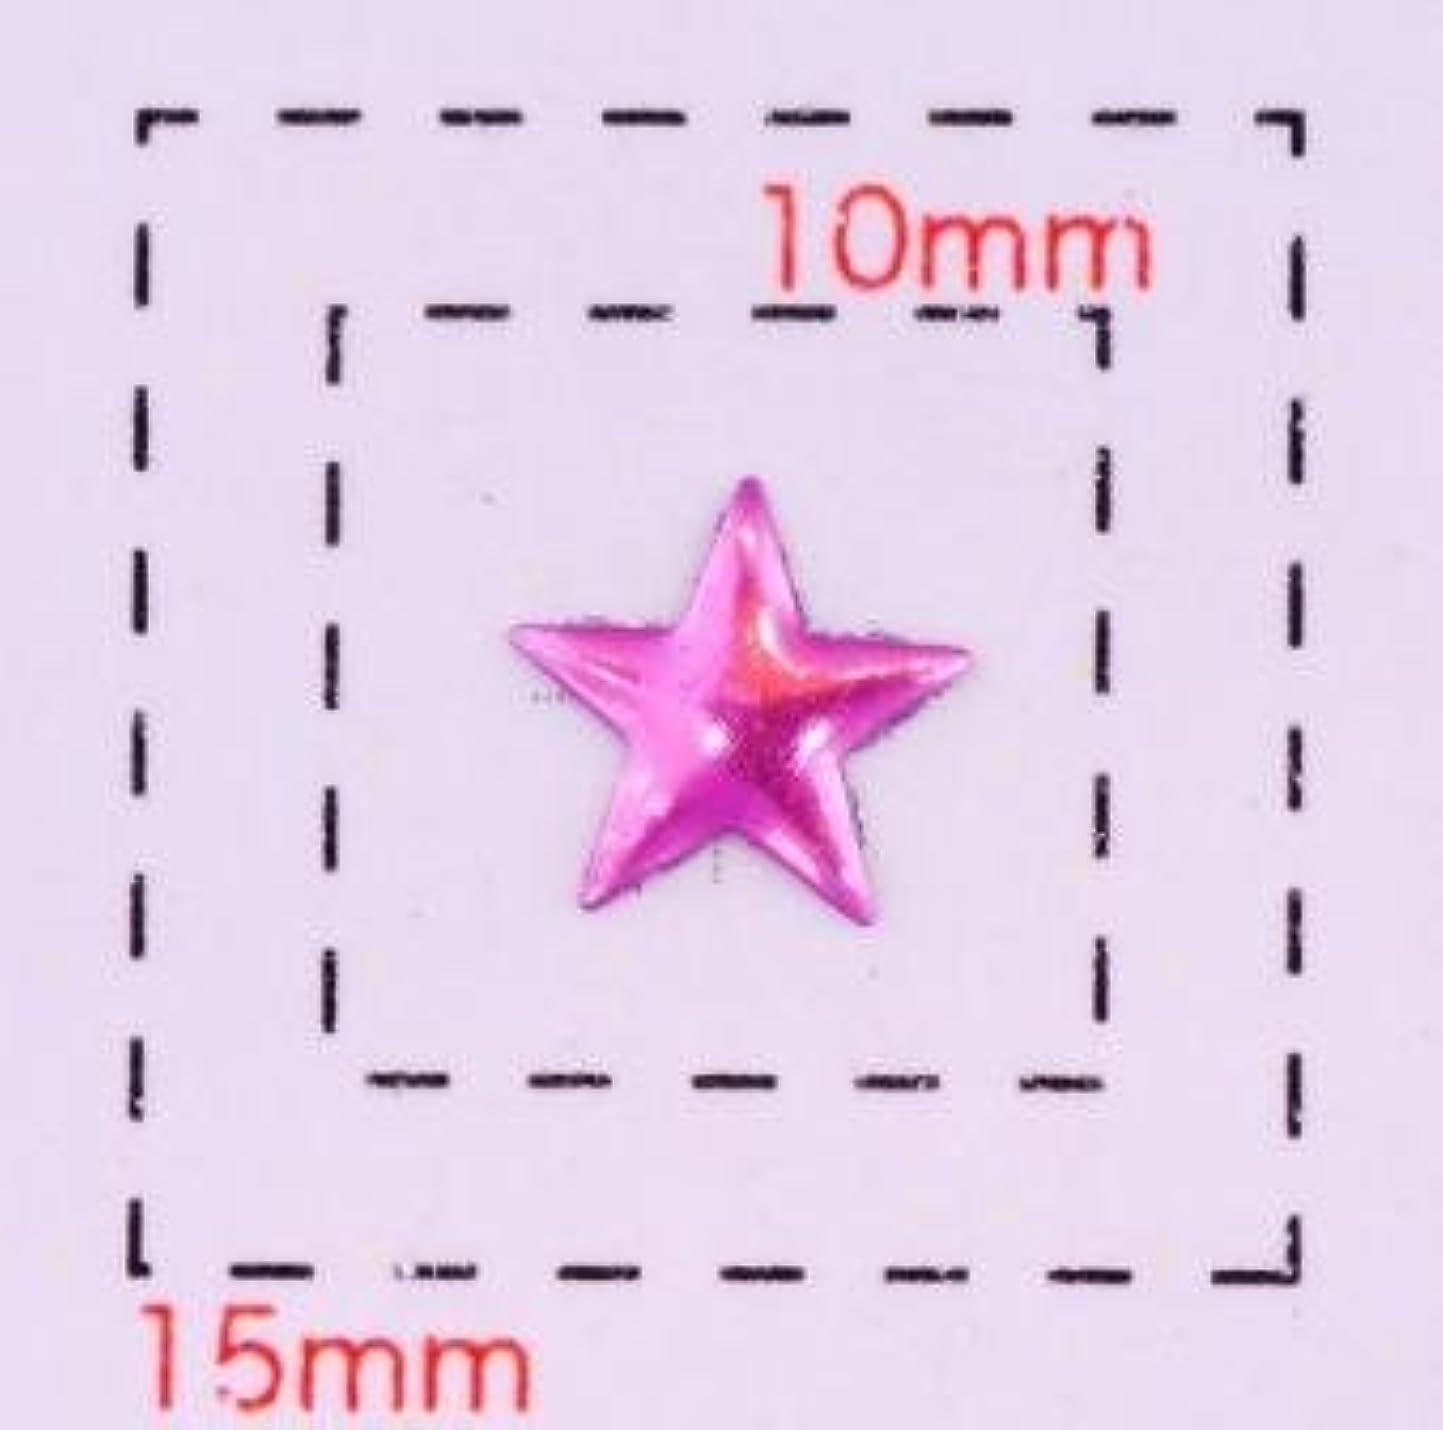 理解する書く忌避剤星型カラフルスタッズ6ミリ(星)《ネイル?デコ電用メタルパーツ》ピンク10個入